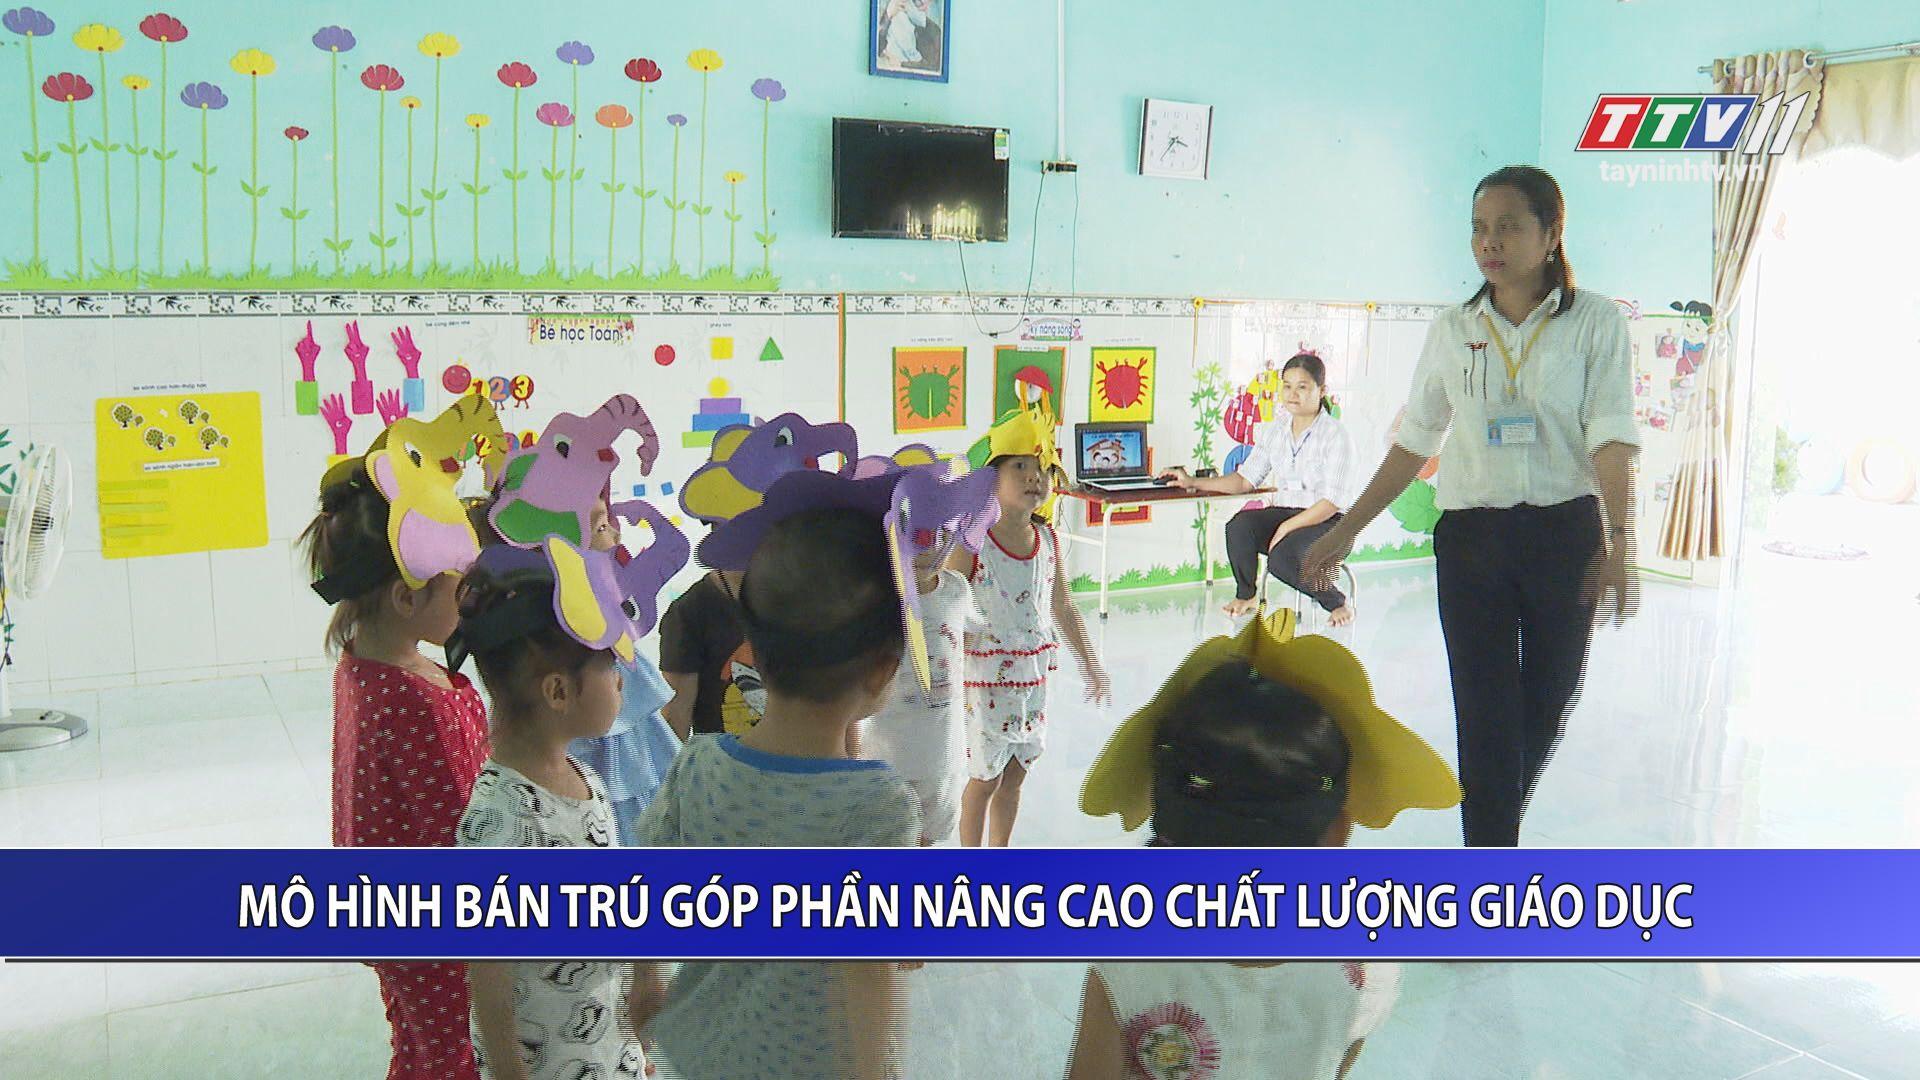 Mô hình bán trú góp phần nâng cao chất lượng giáo dục | GIÁO DỤC ĐÀO TẠO | TayNinhTV